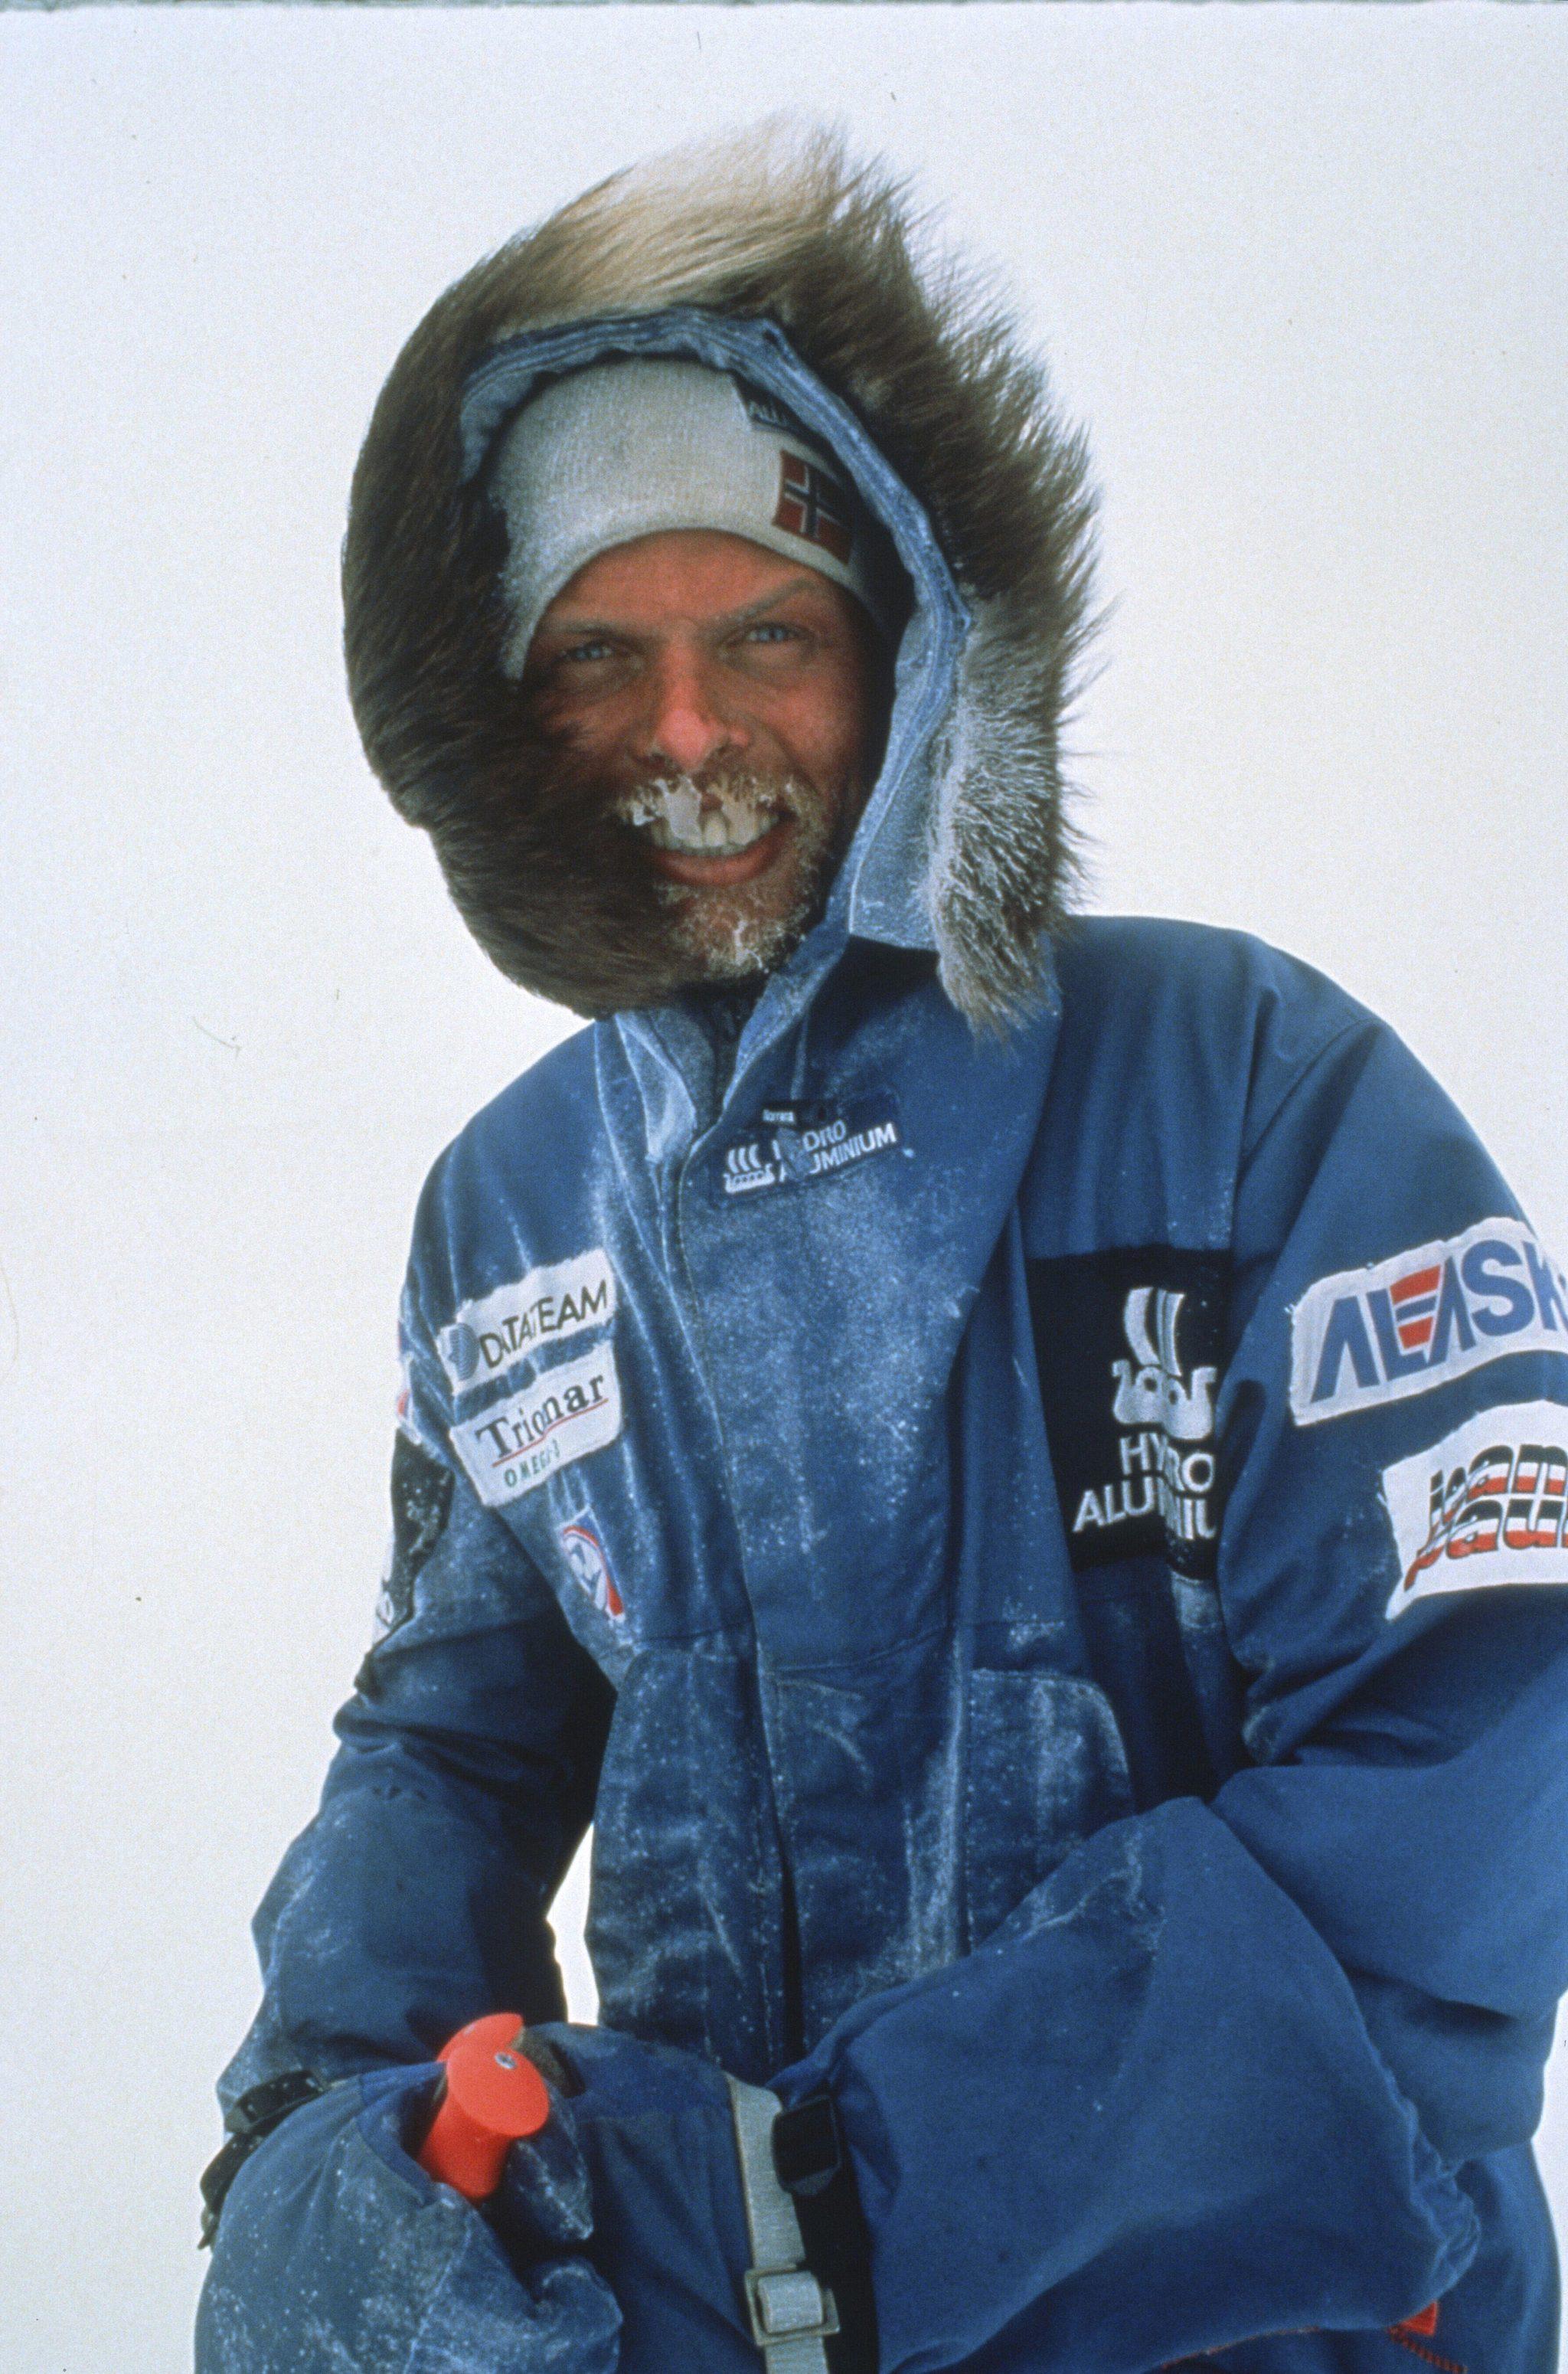 """Monte Everest. En 1994, ERling Kagge hizo cumbre en el  Everest, convirtiéndose en la primera persona en completar el """"Desafío de los tres polos""""."""